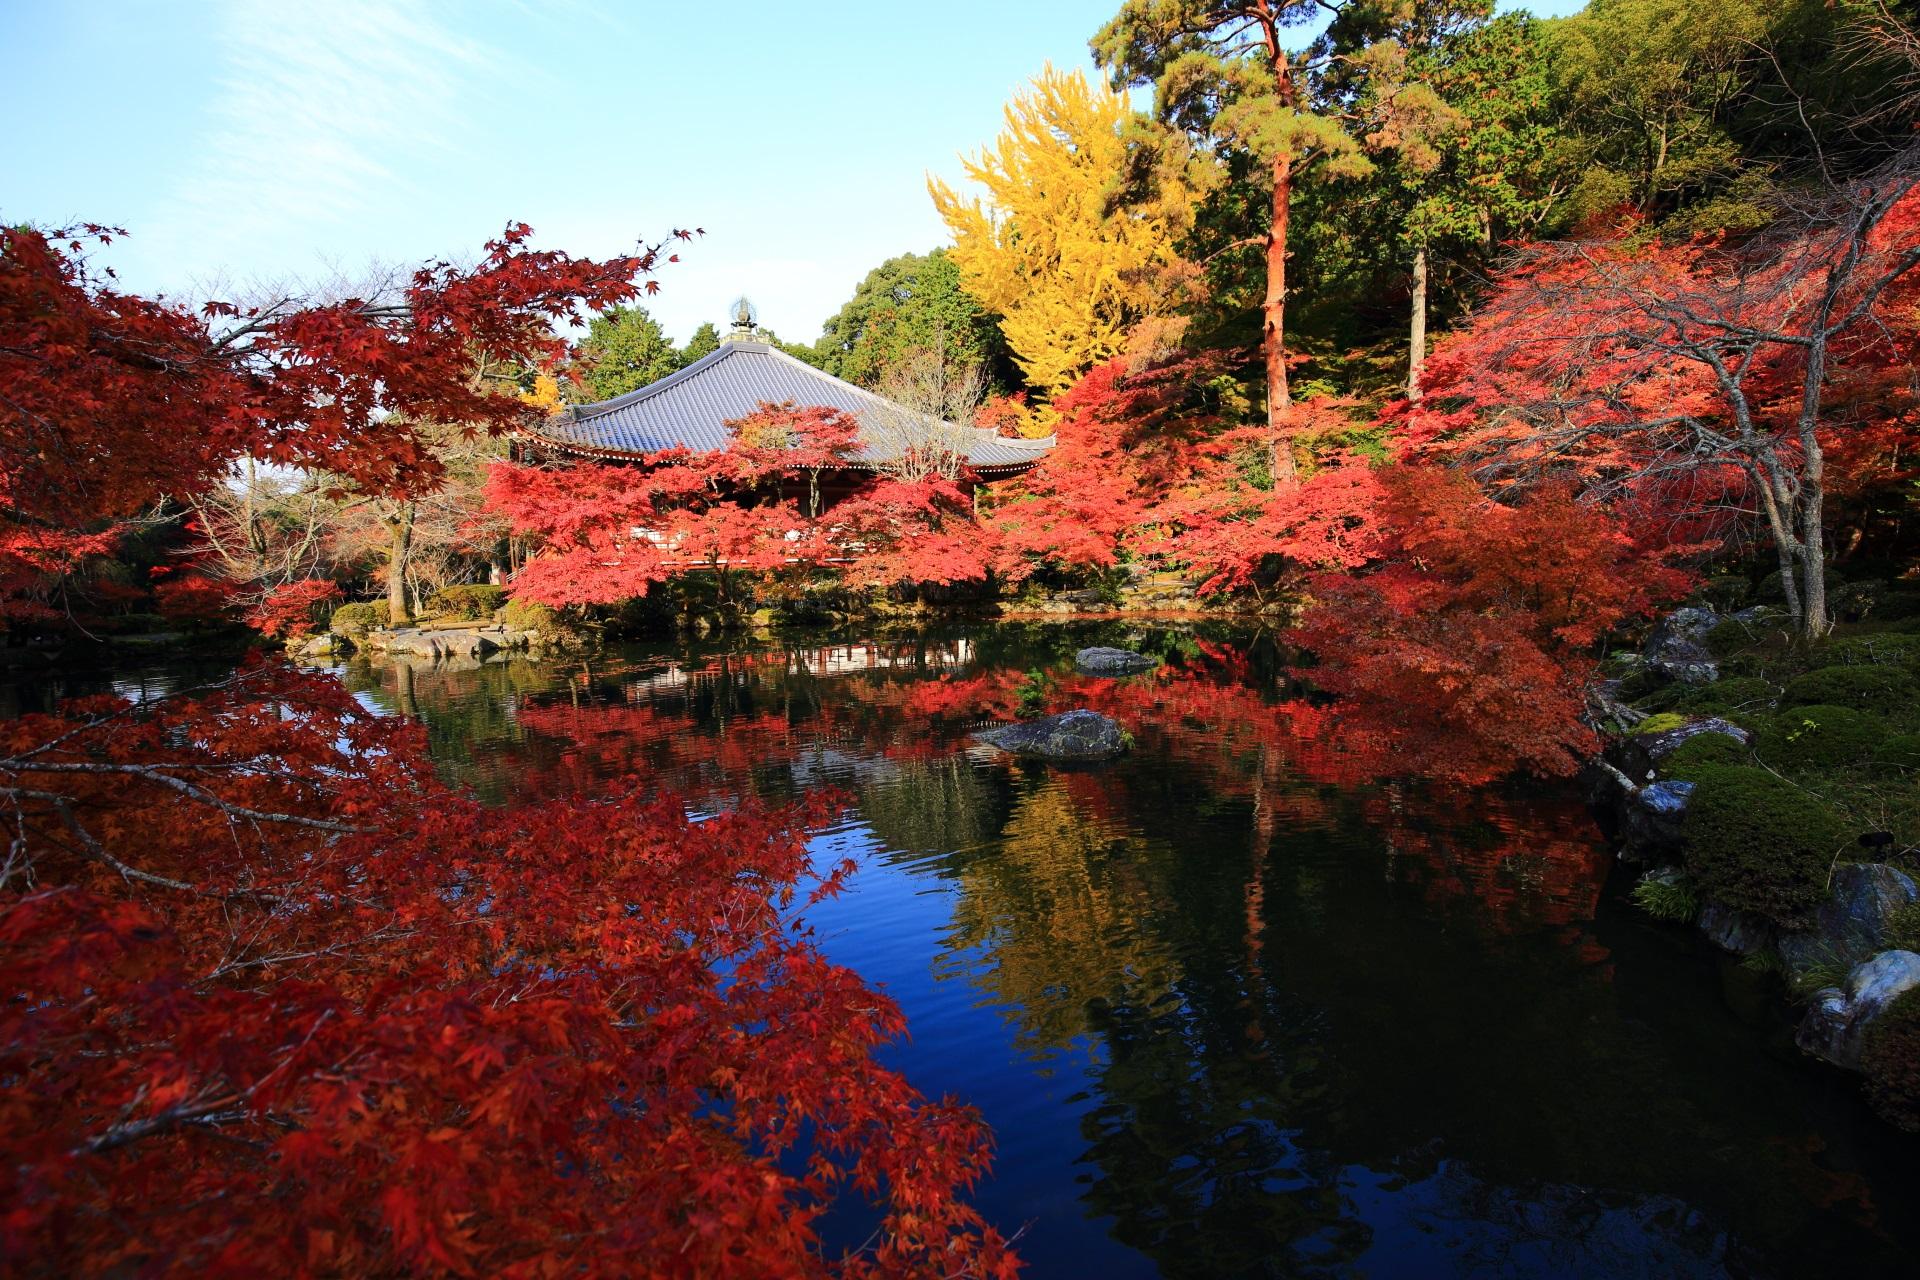 観音堂と水辺を彩る鮮やかな紅葉と銀杏